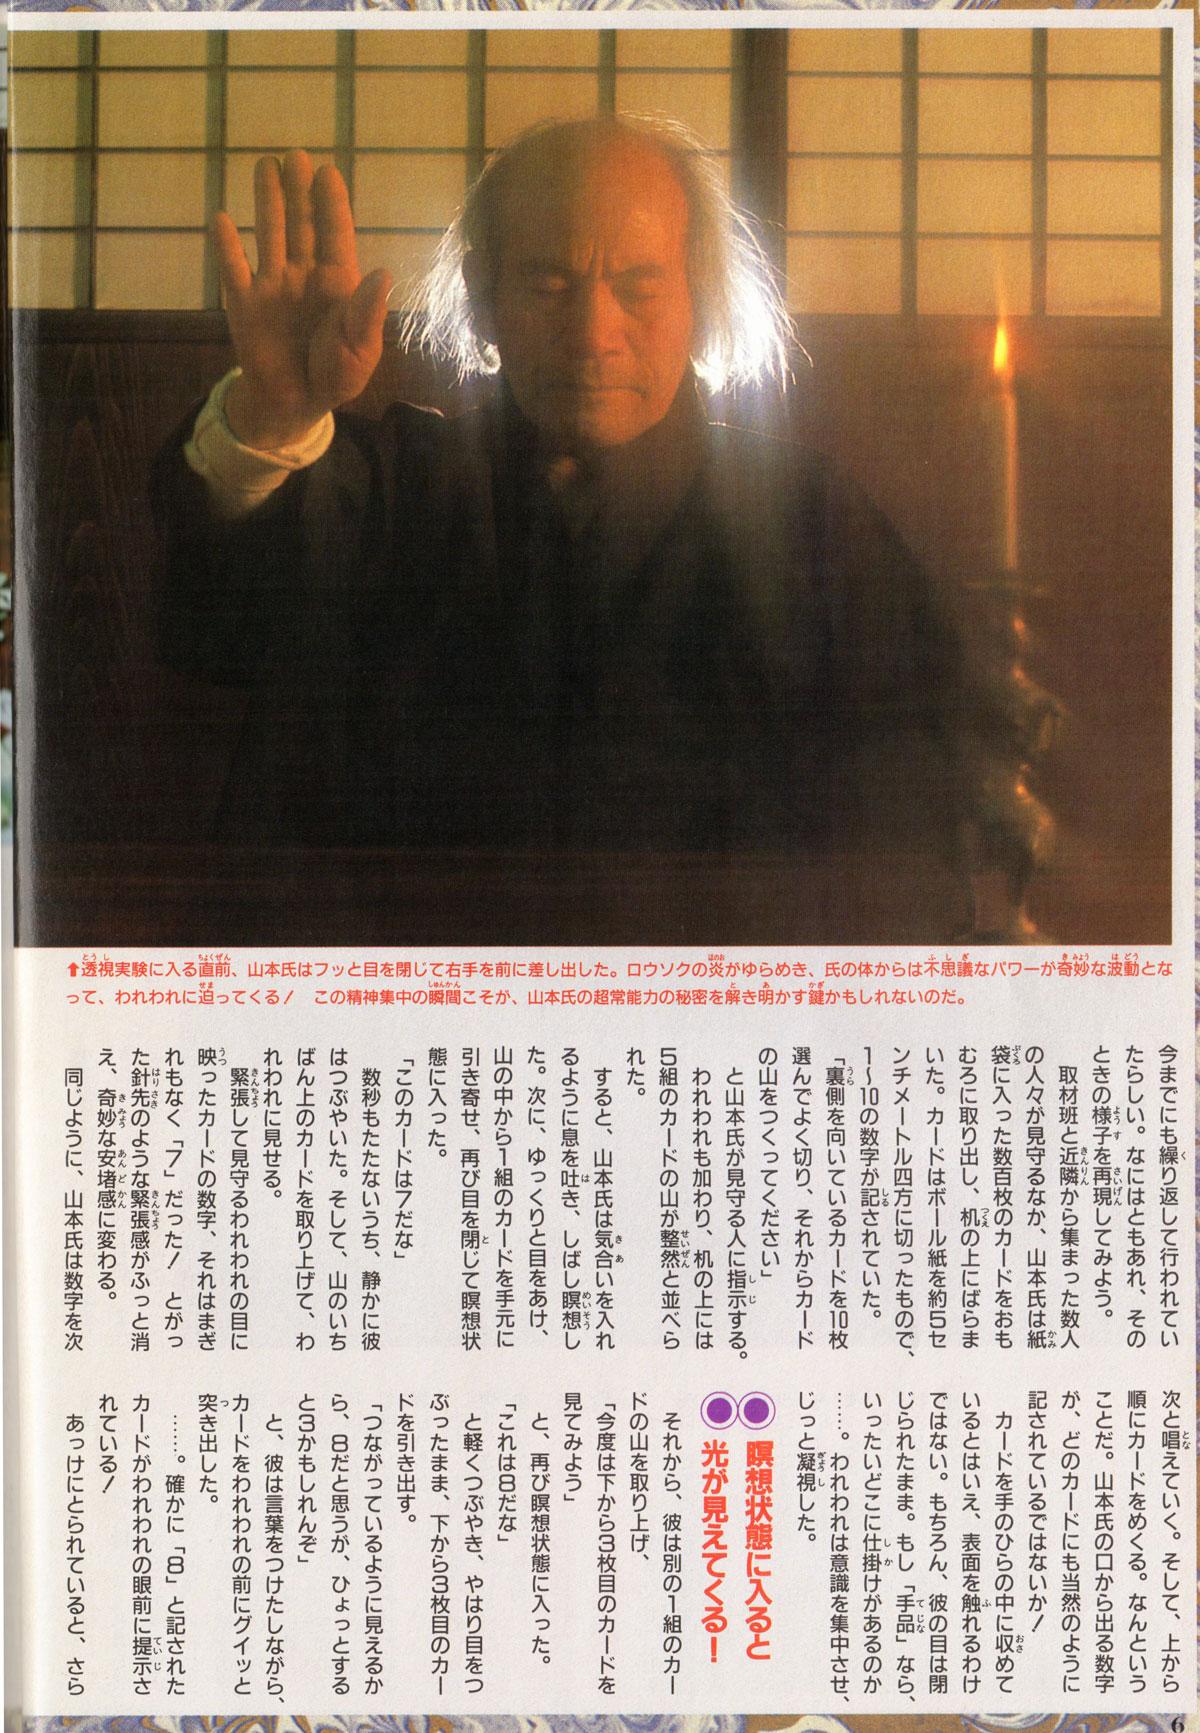 山本健造博士透視2